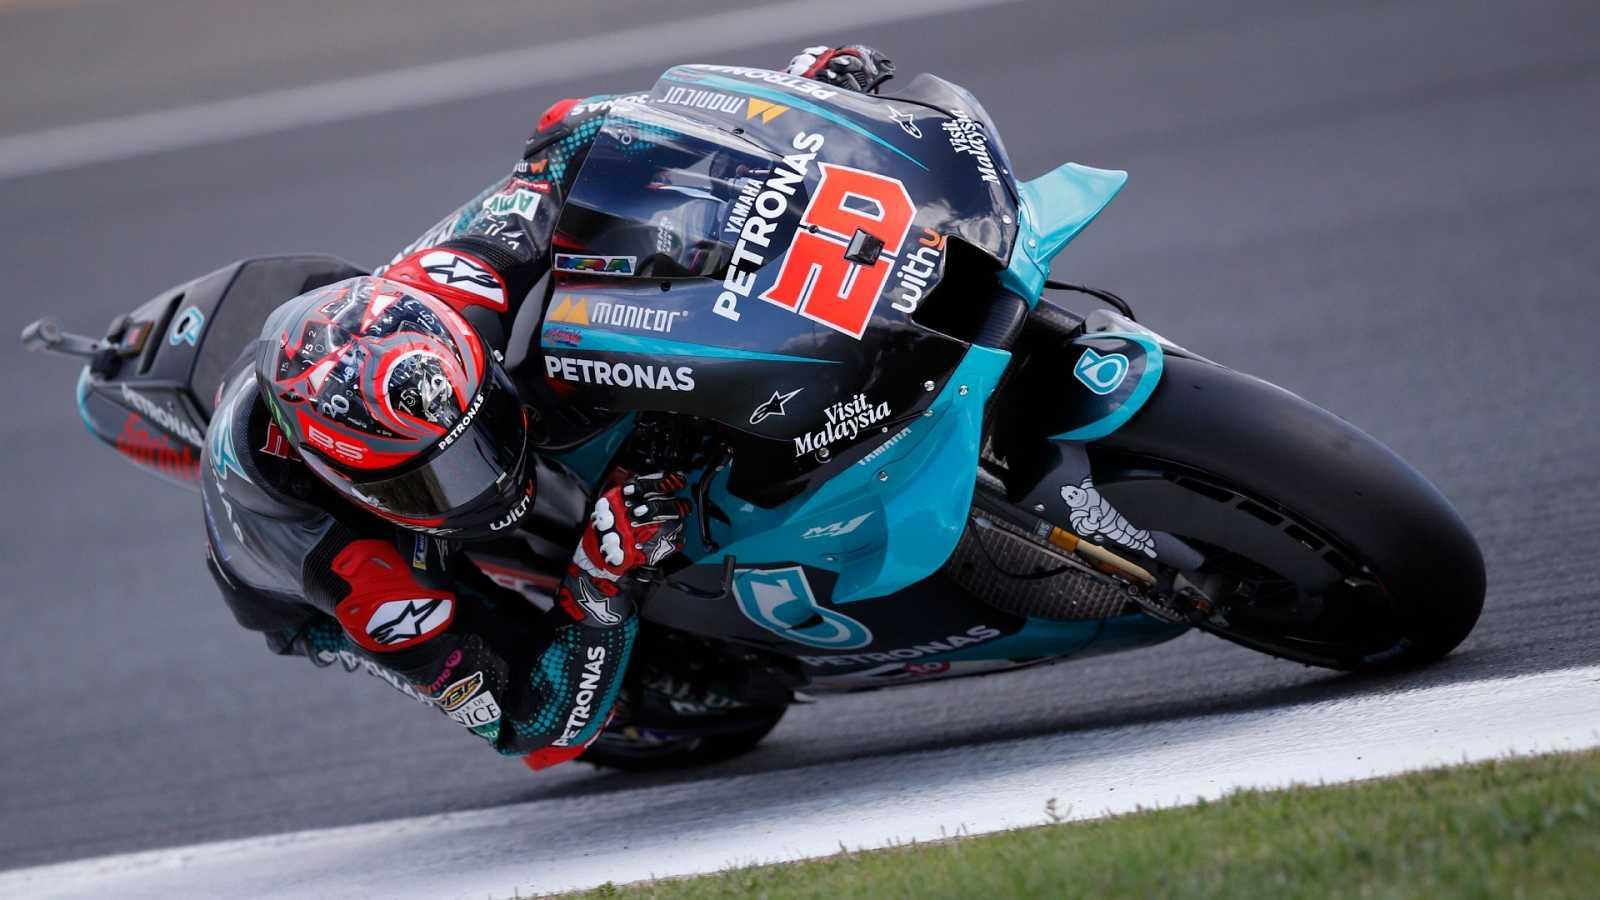 Fabio Quartararo saldrá desde la pole en el GP de Francia